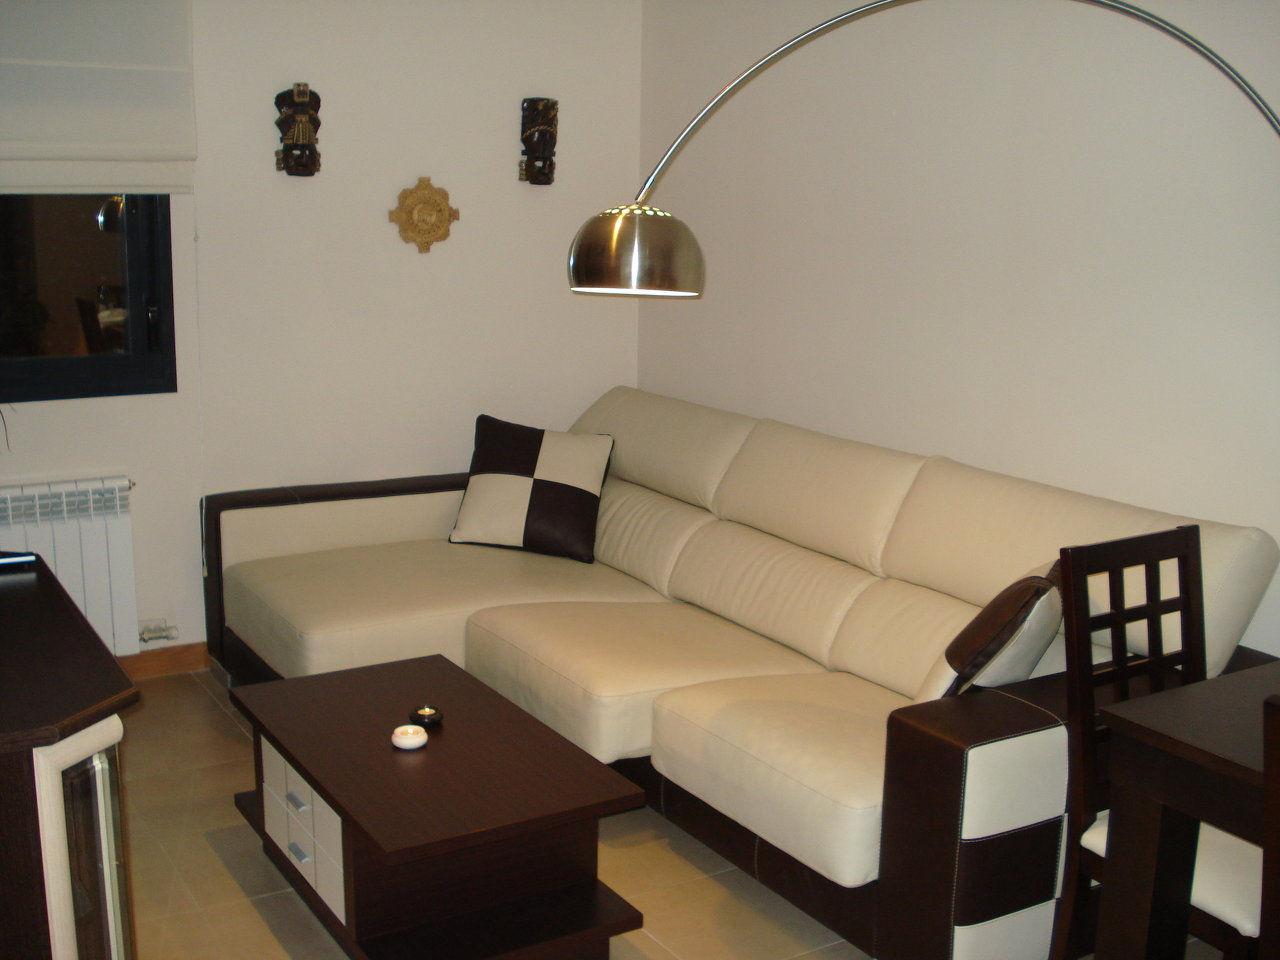 muebles valdemoro colchones sof s camas cuadros